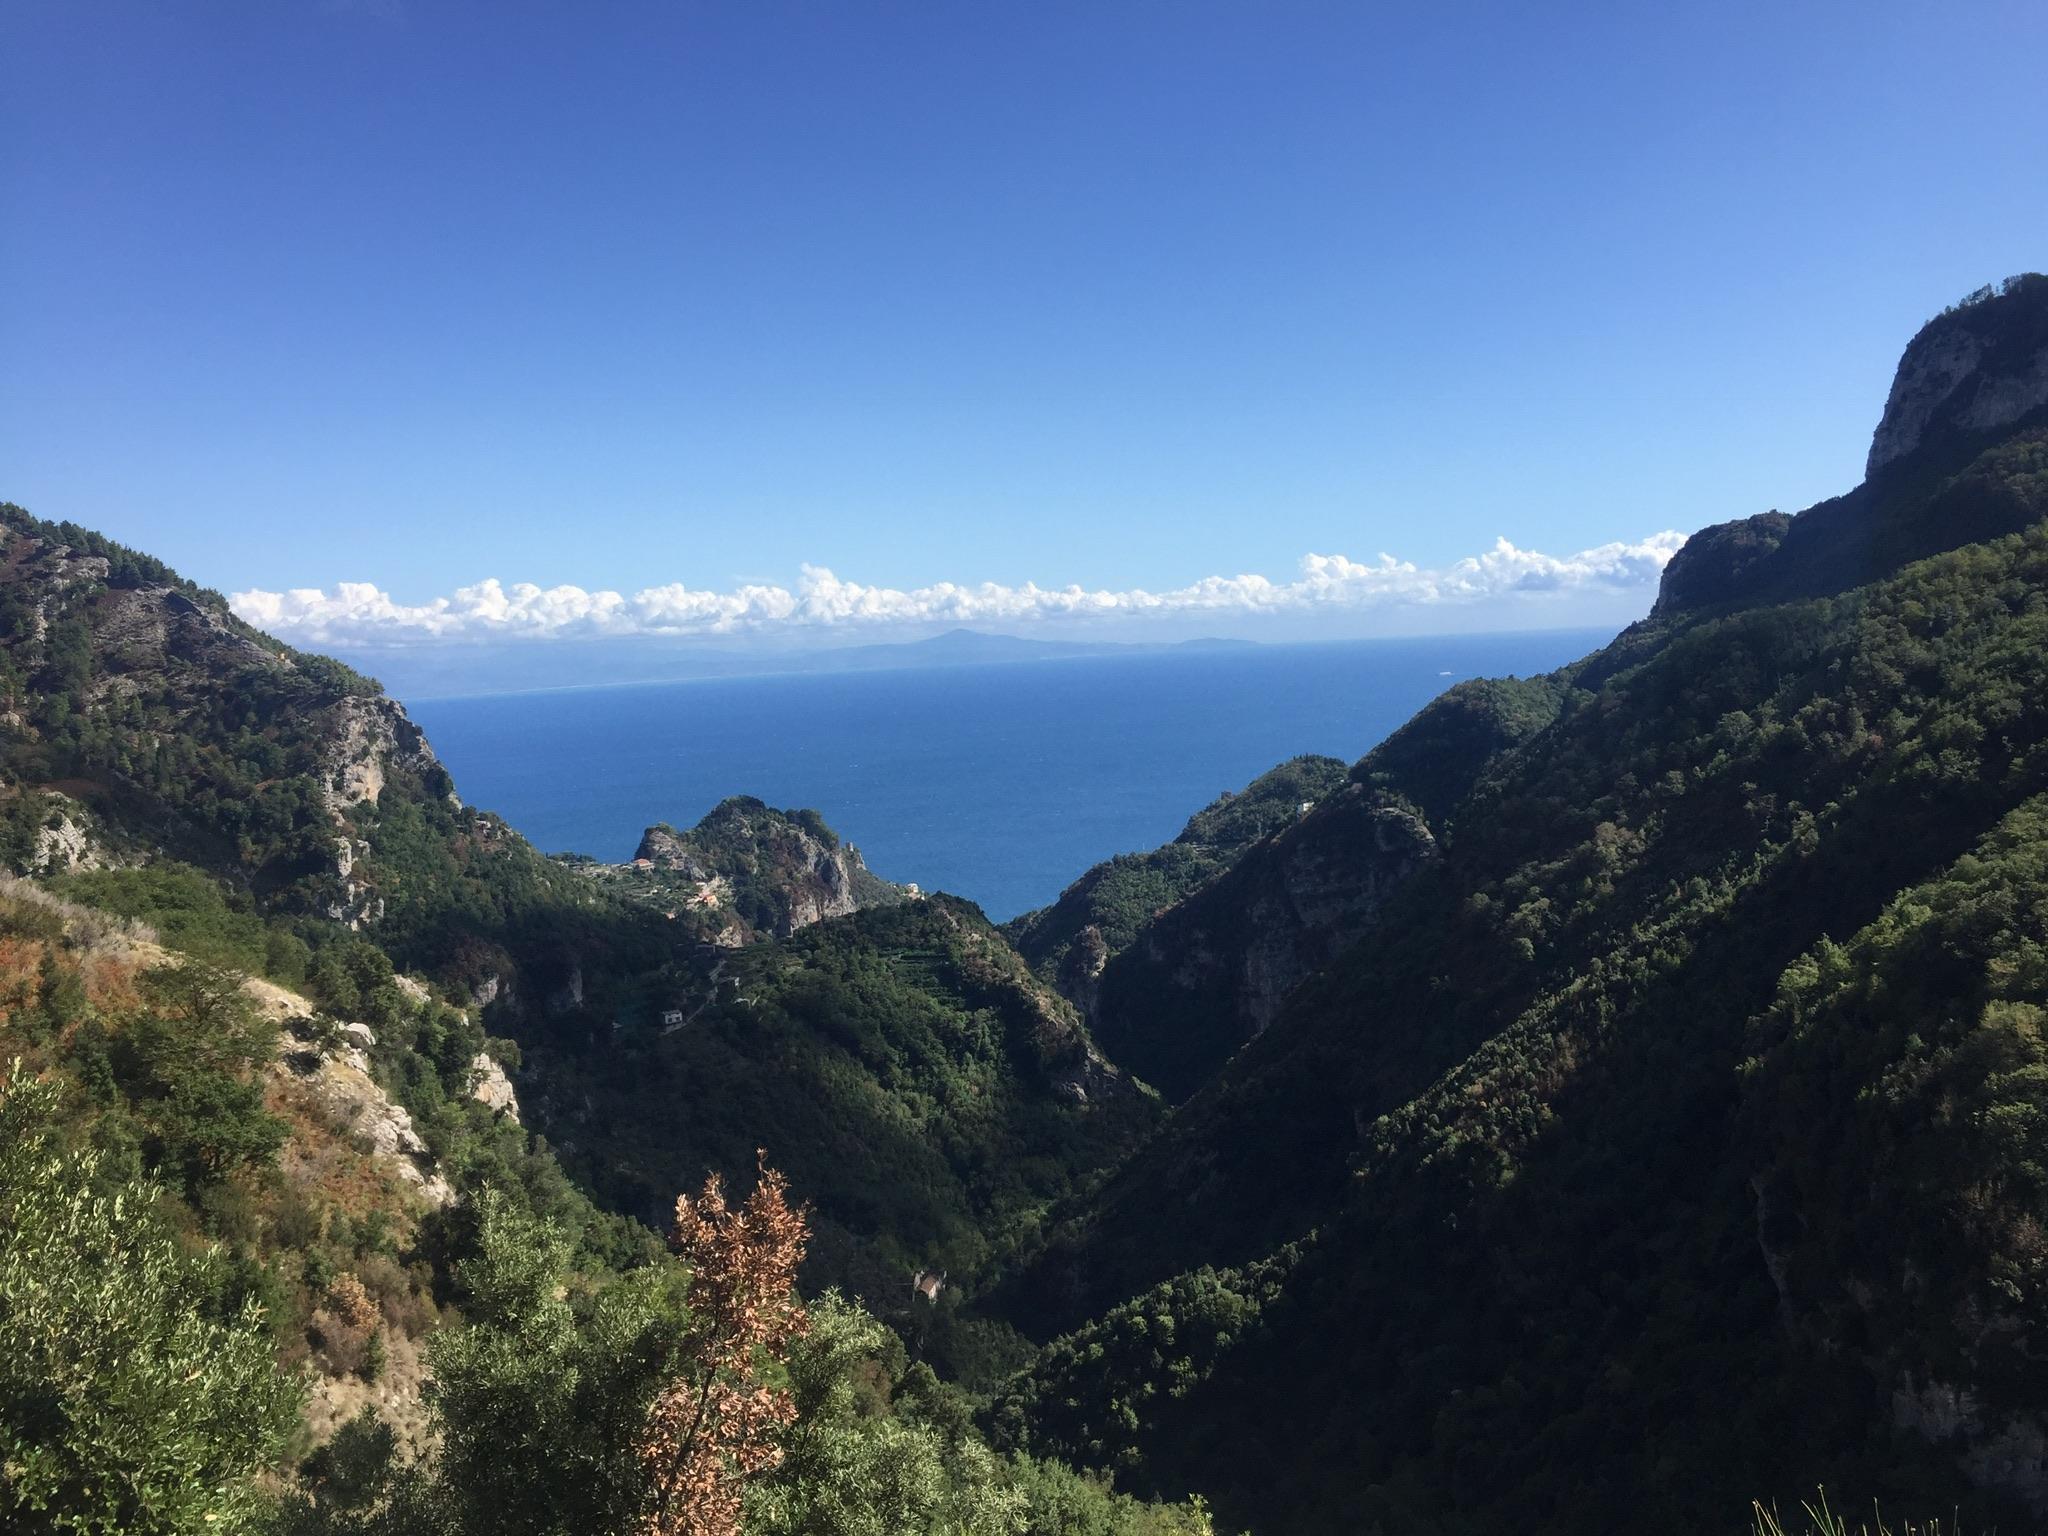 Lohnenswert in der Region Kampanien: Wanderung im Valle delle ferriere